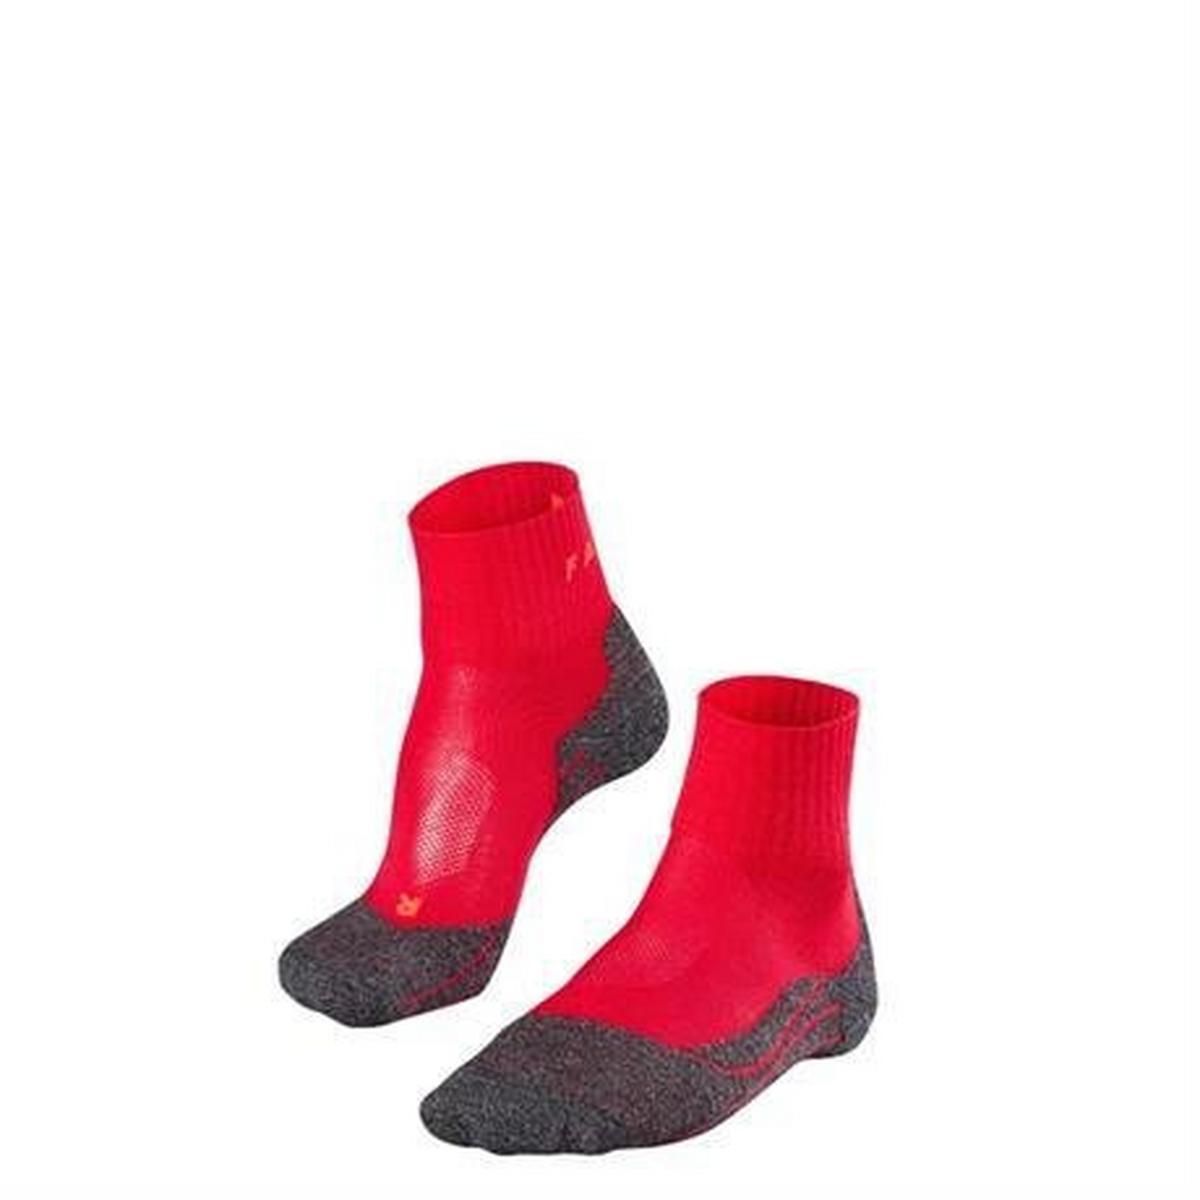 Falke HIKING Socks Women's TK2 Short Cool Rose